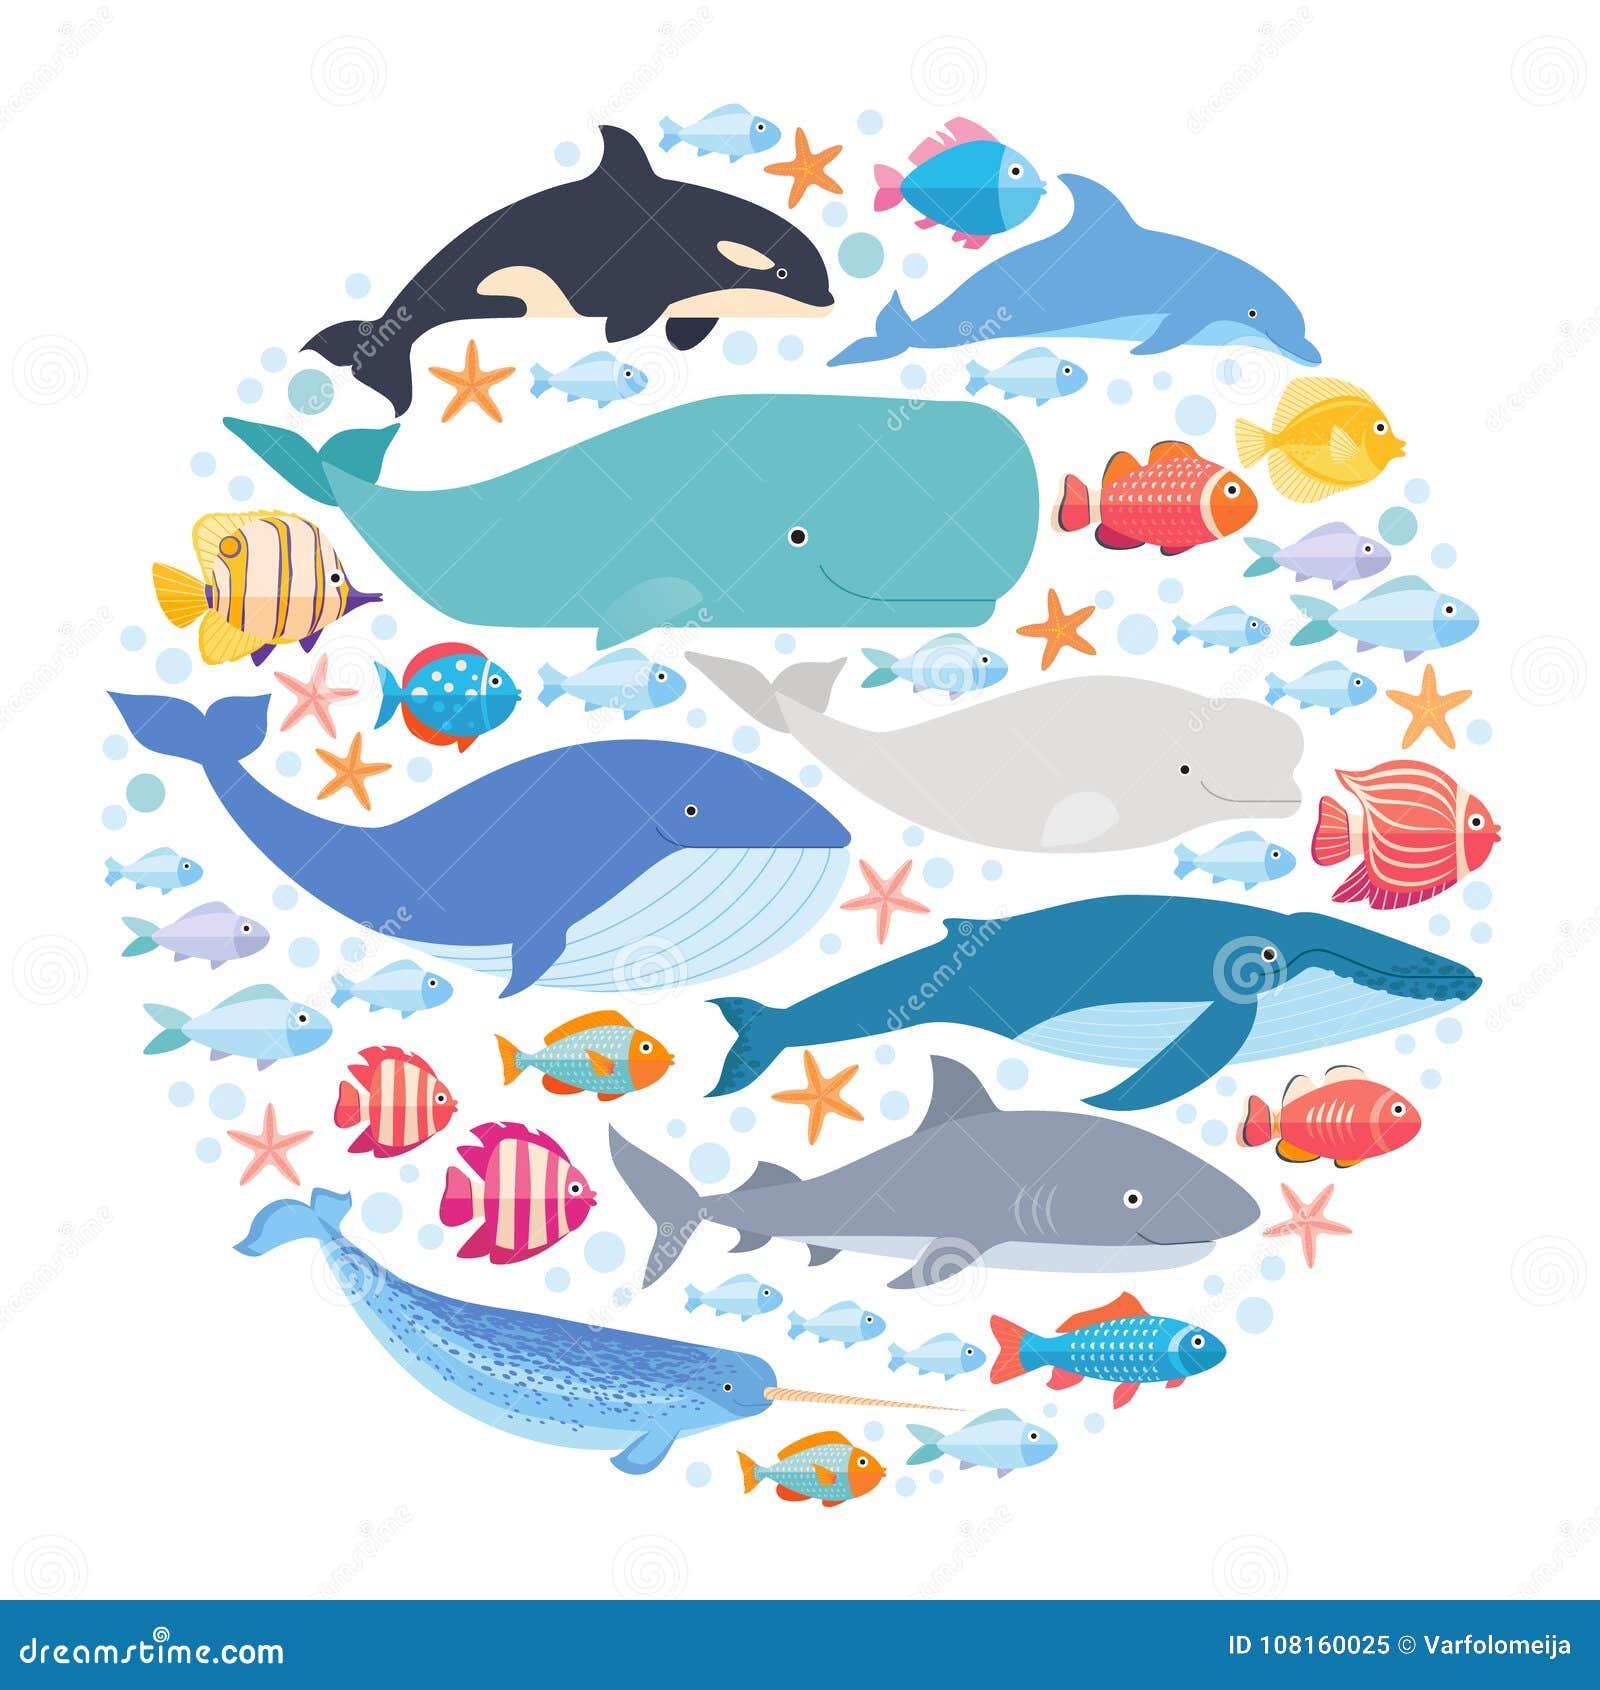 在圈子设置的海洋哺乳动物和鱼 Narwhal、蓝鲸、海豚、白海豚鲸鱼、驼背鲸、鲸鱼和精液